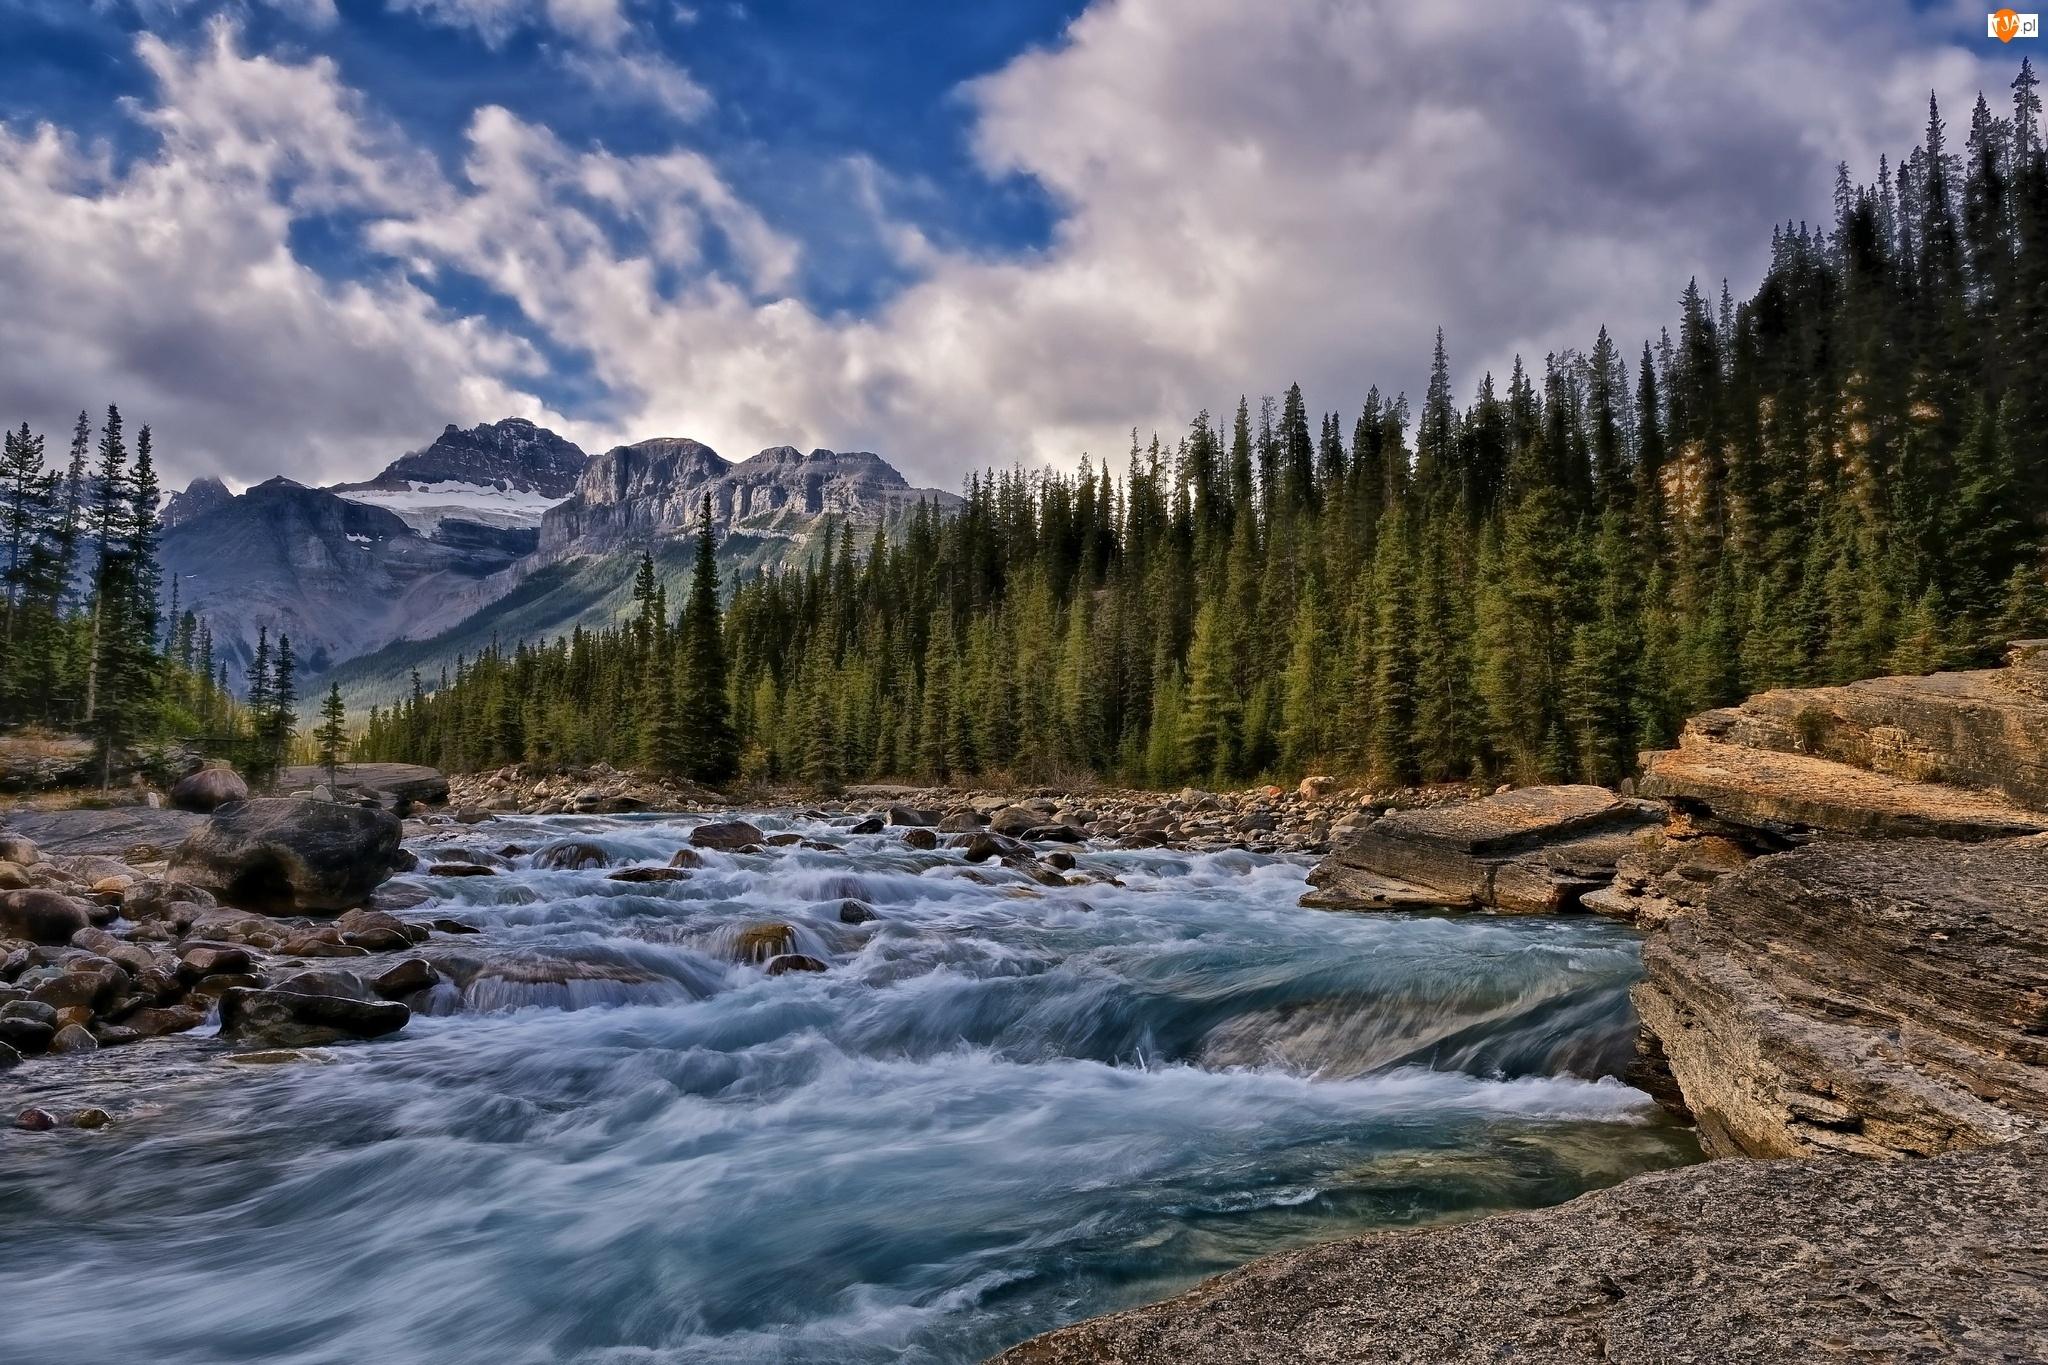 Rzeka, Kamienie, Góry, Las